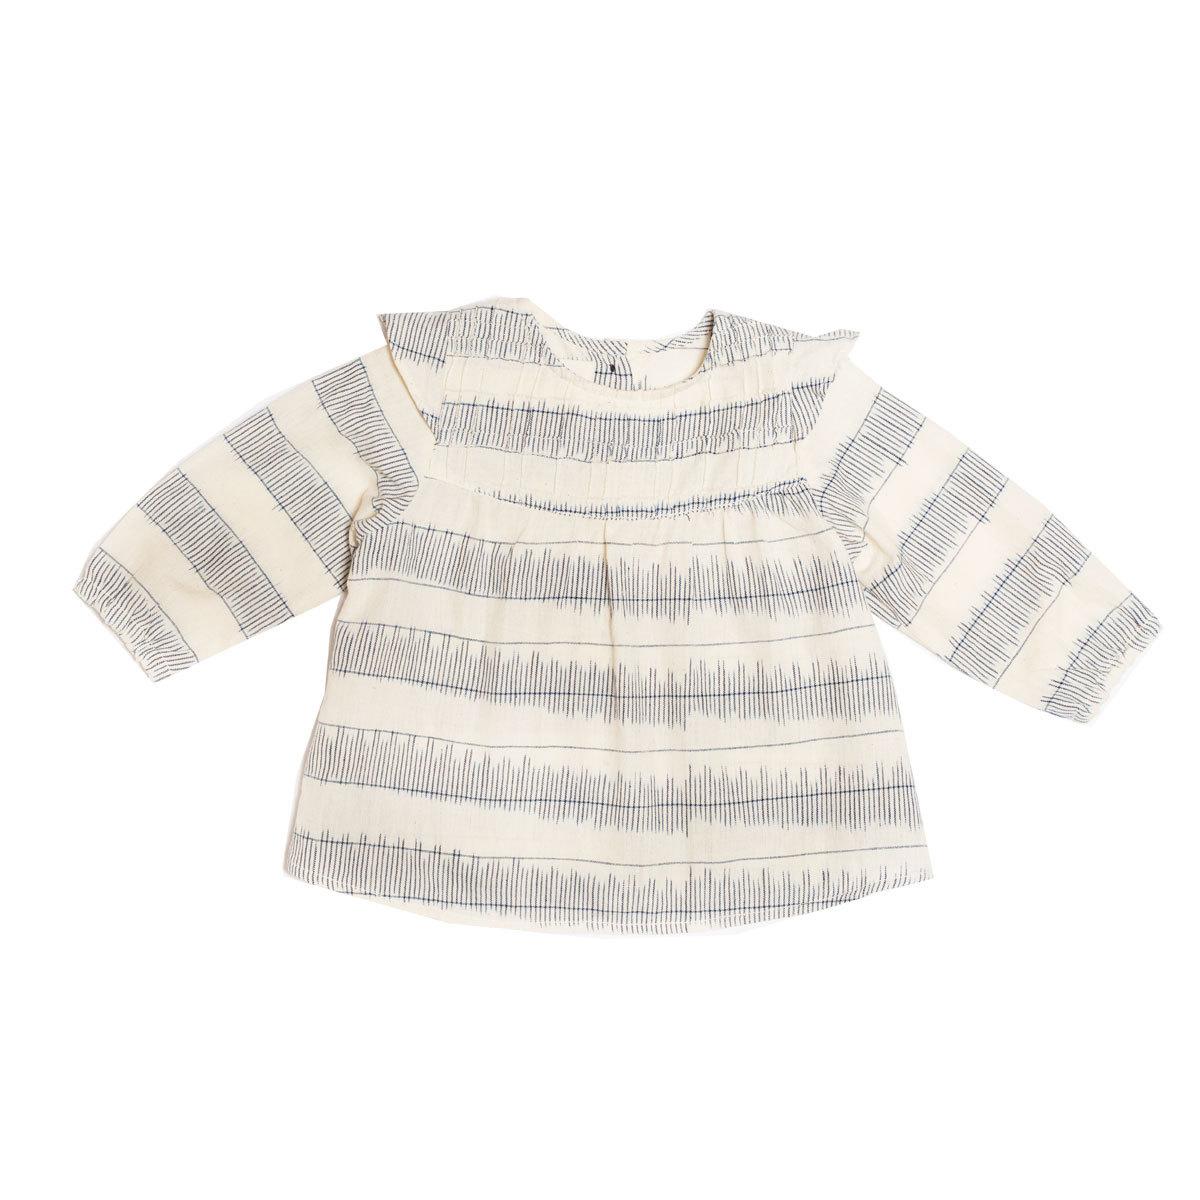 Hauts bébé Blouse Louisa - White Stripped Ikat - 12/18 mois Blouse Louisa - White Stripped Ikat - 12/18 mois